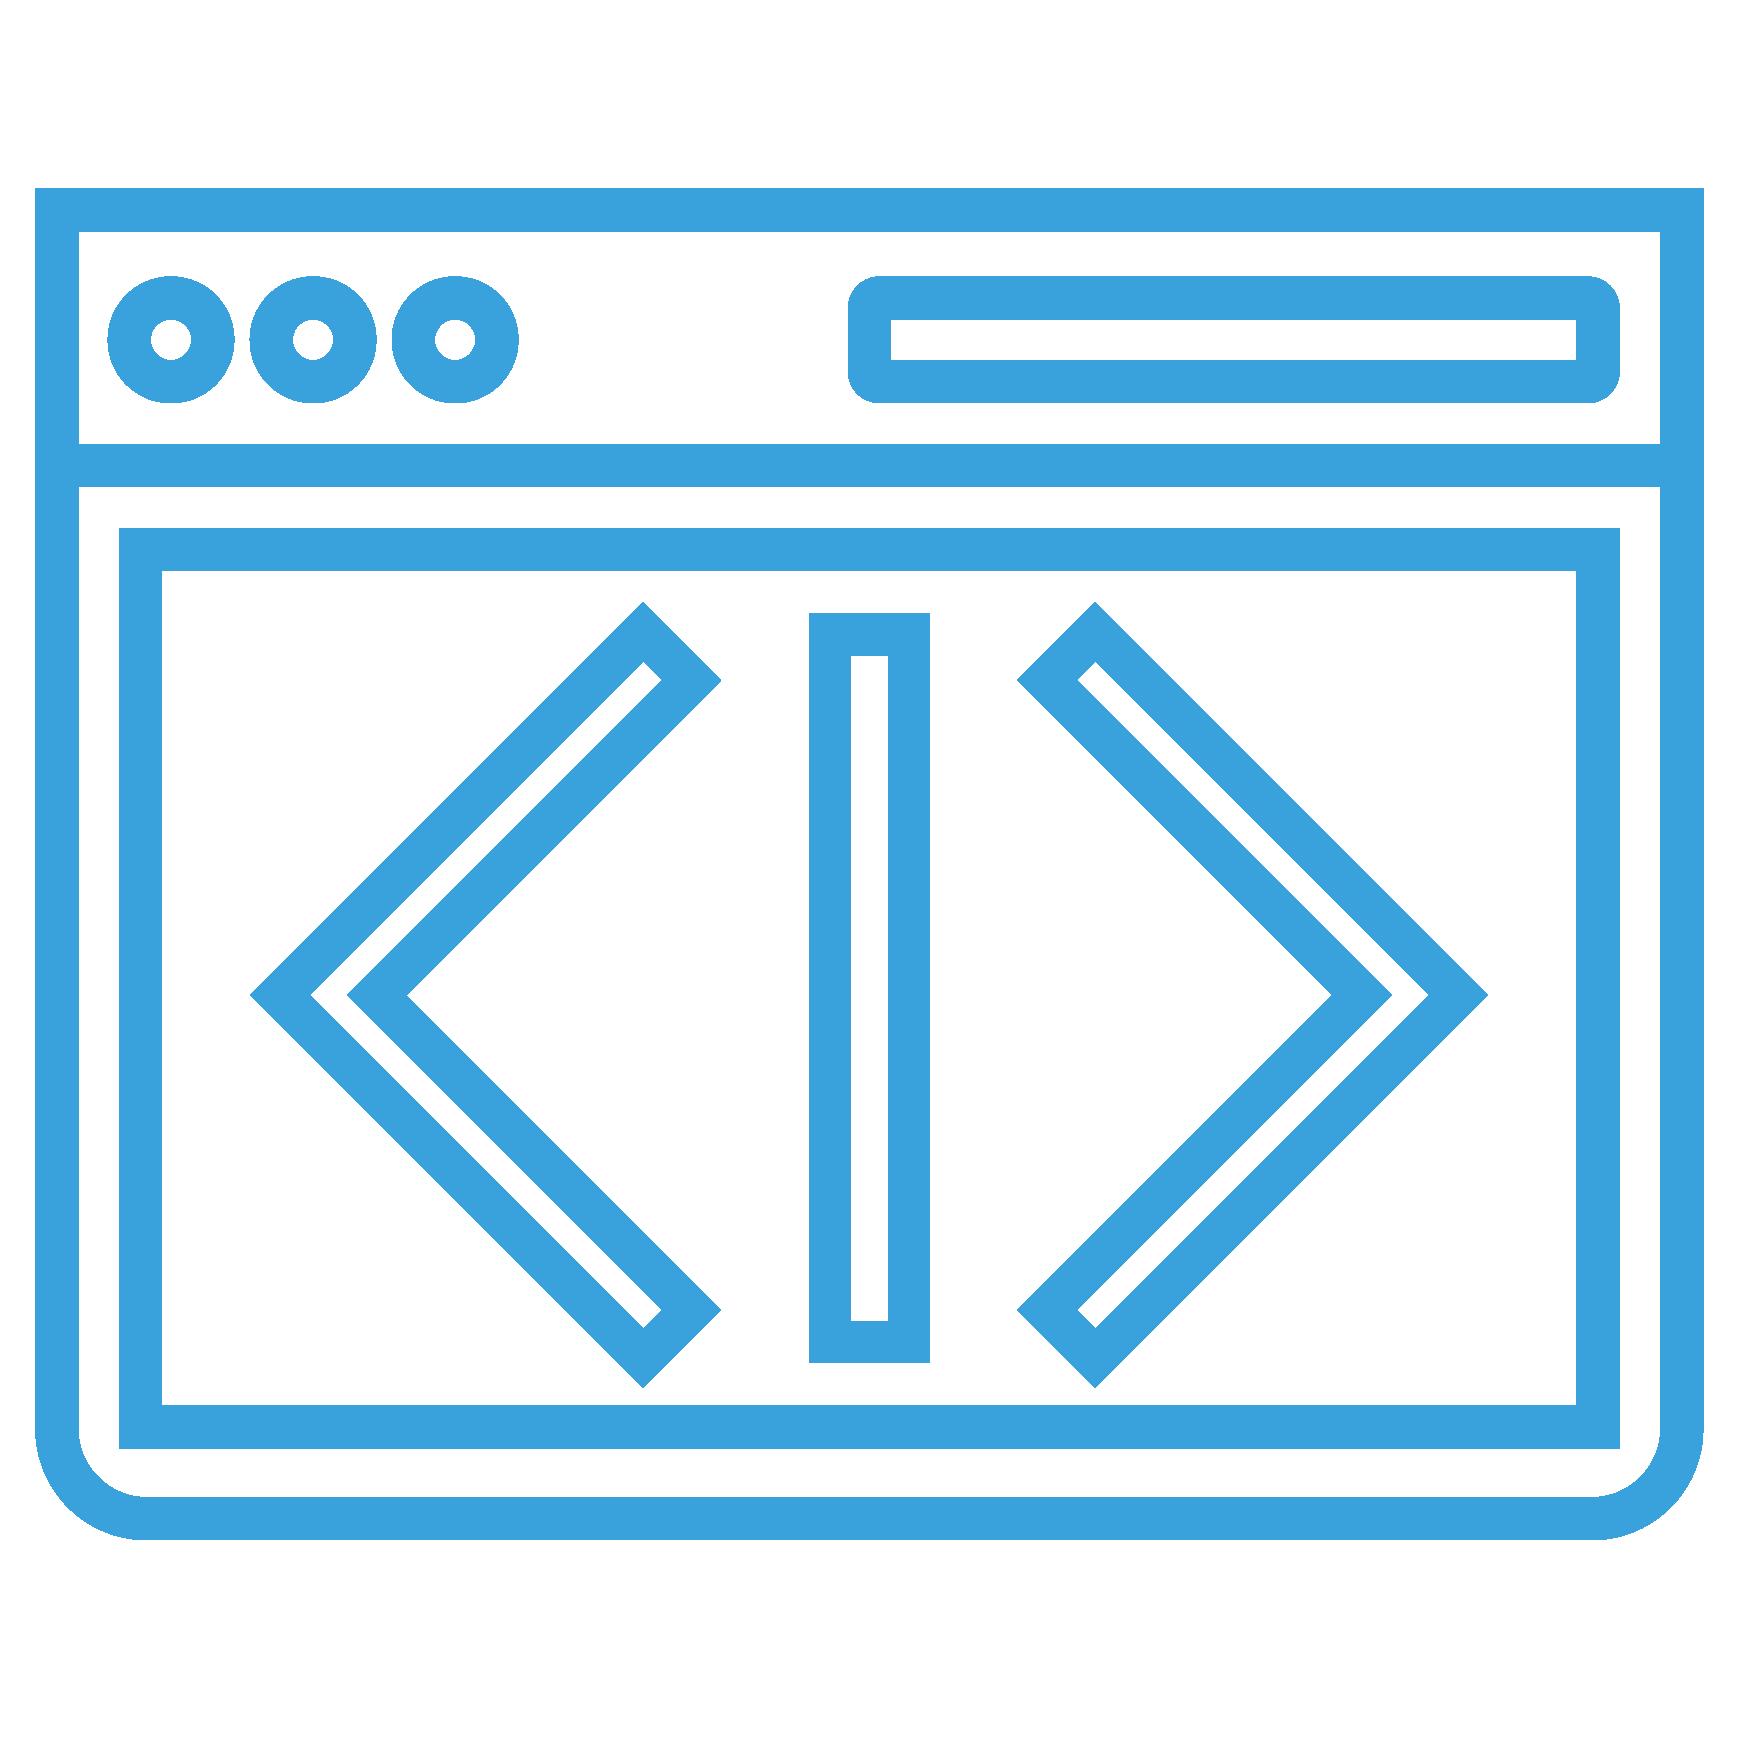 07_SoftwareDevelopment_Icon-01-01